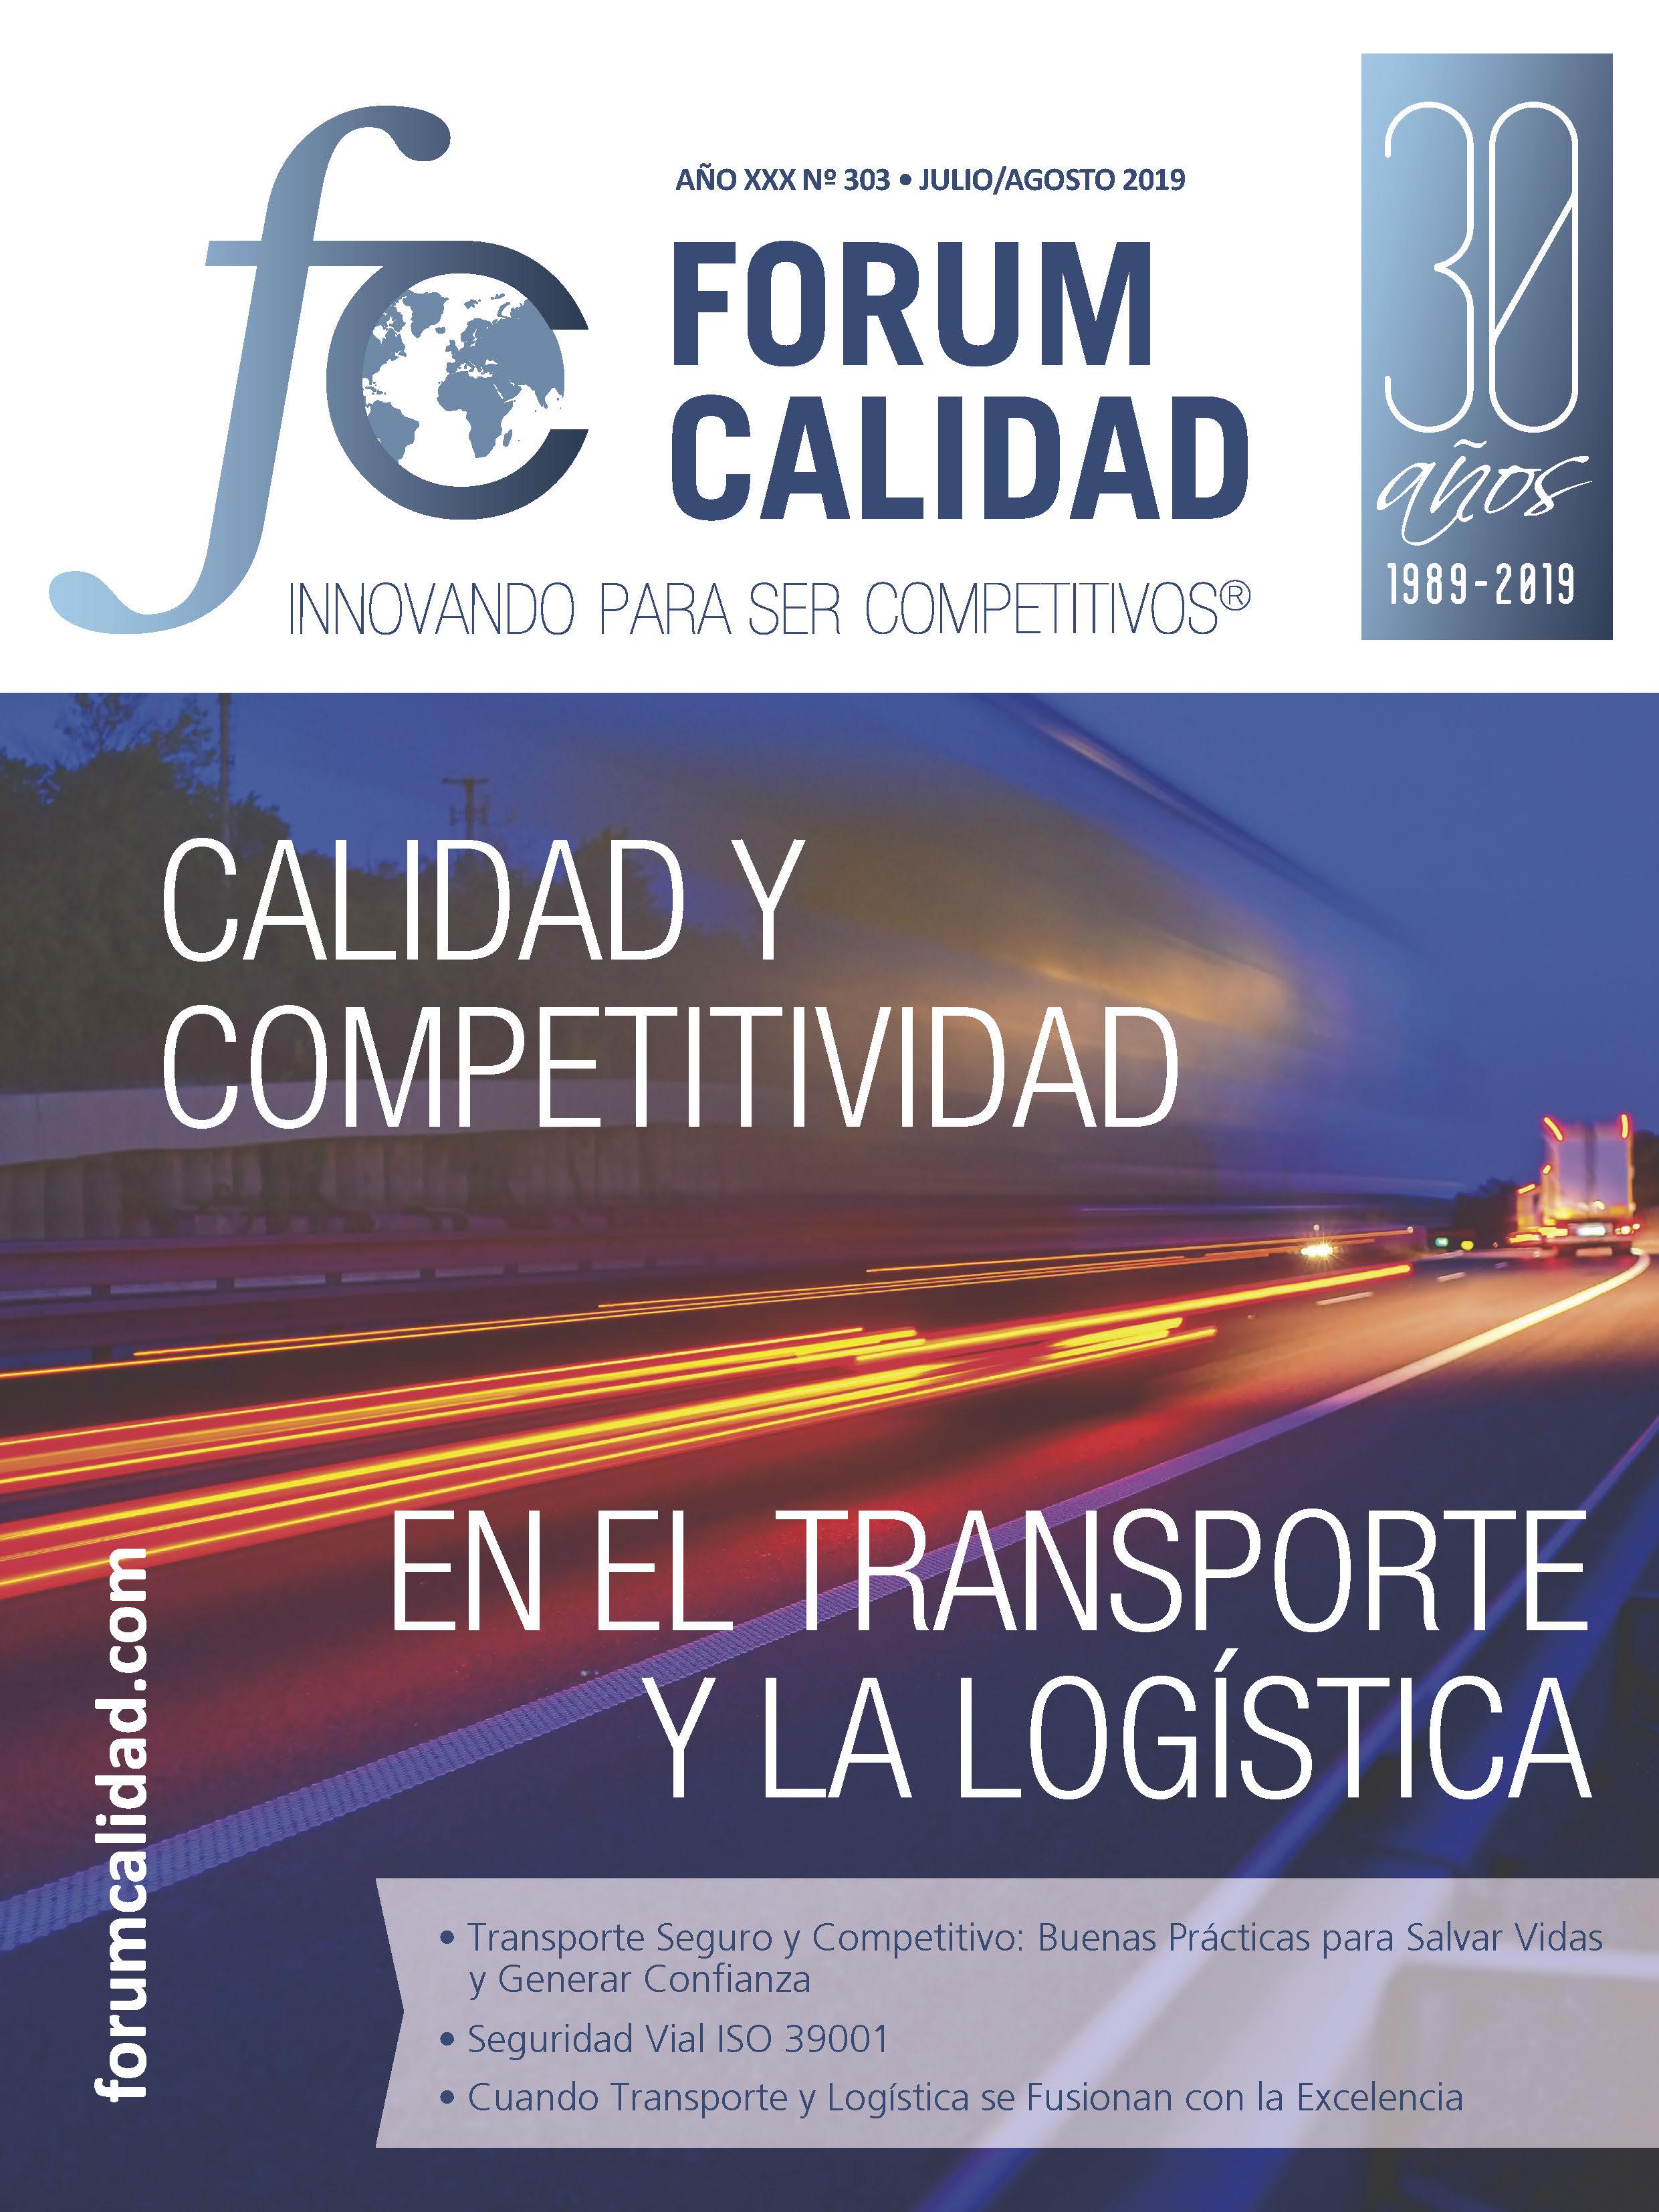 Forum Calidad nº 303 Julio/Agosto 2019